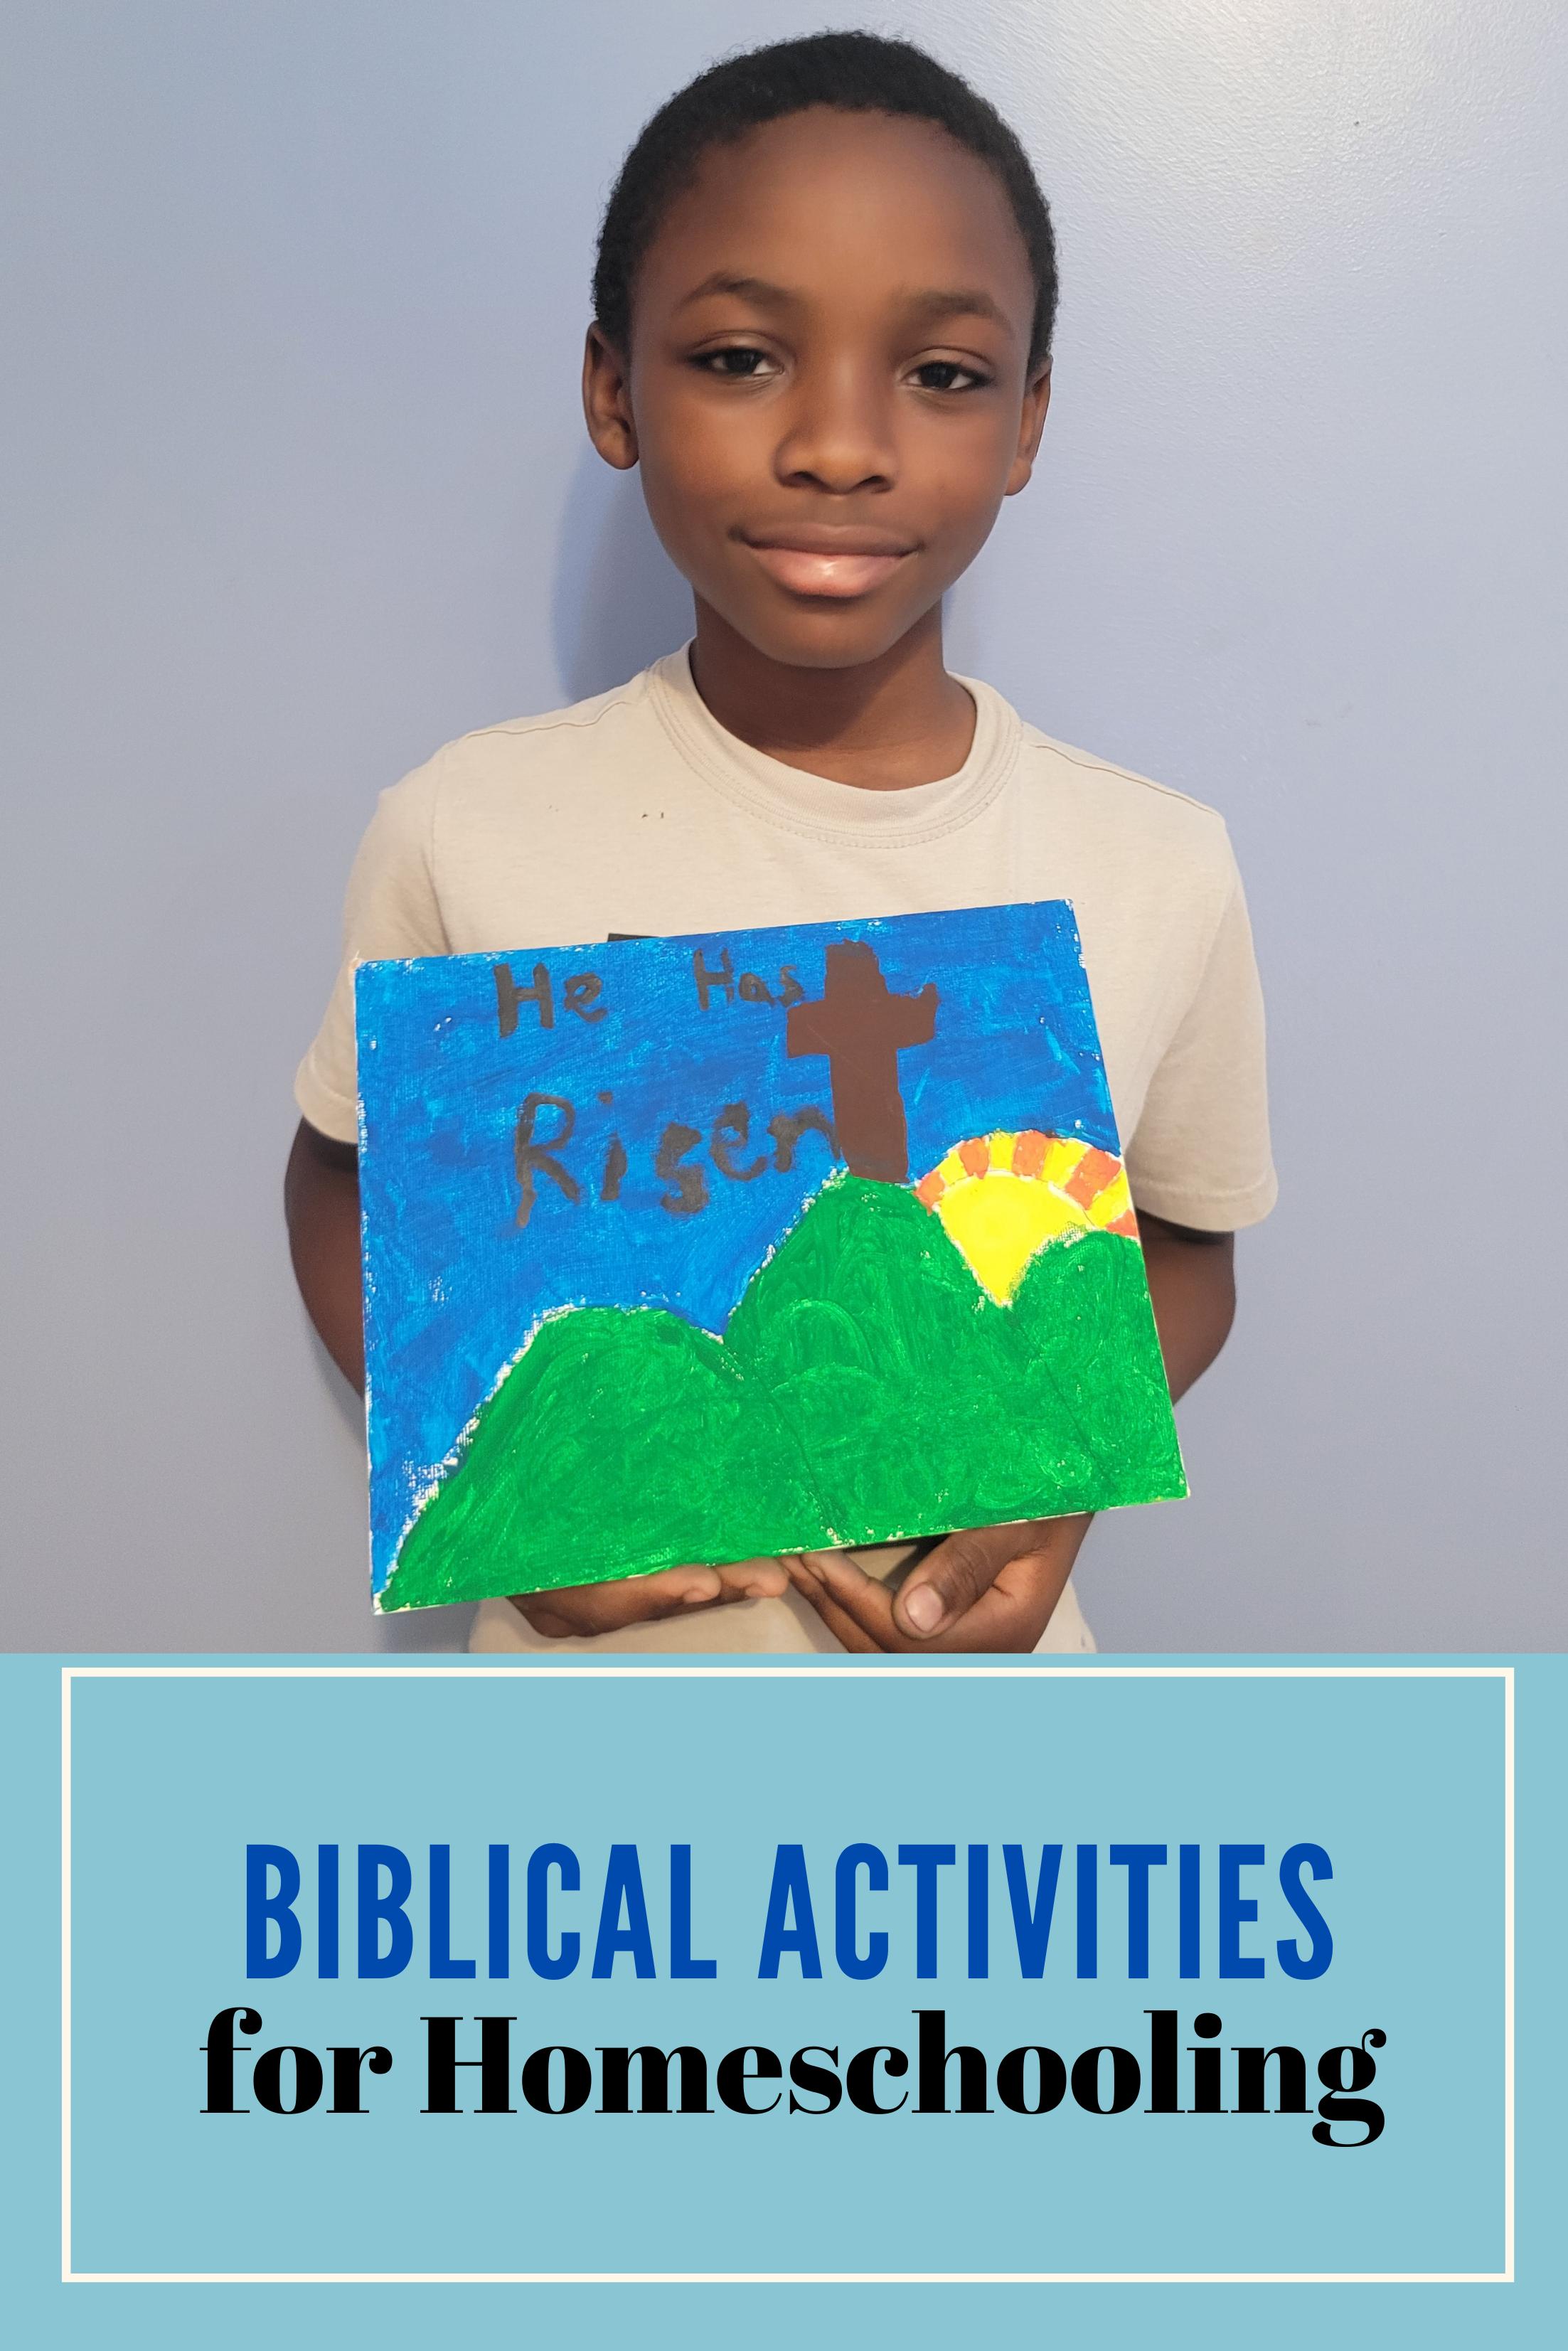 Biblical activities for kids